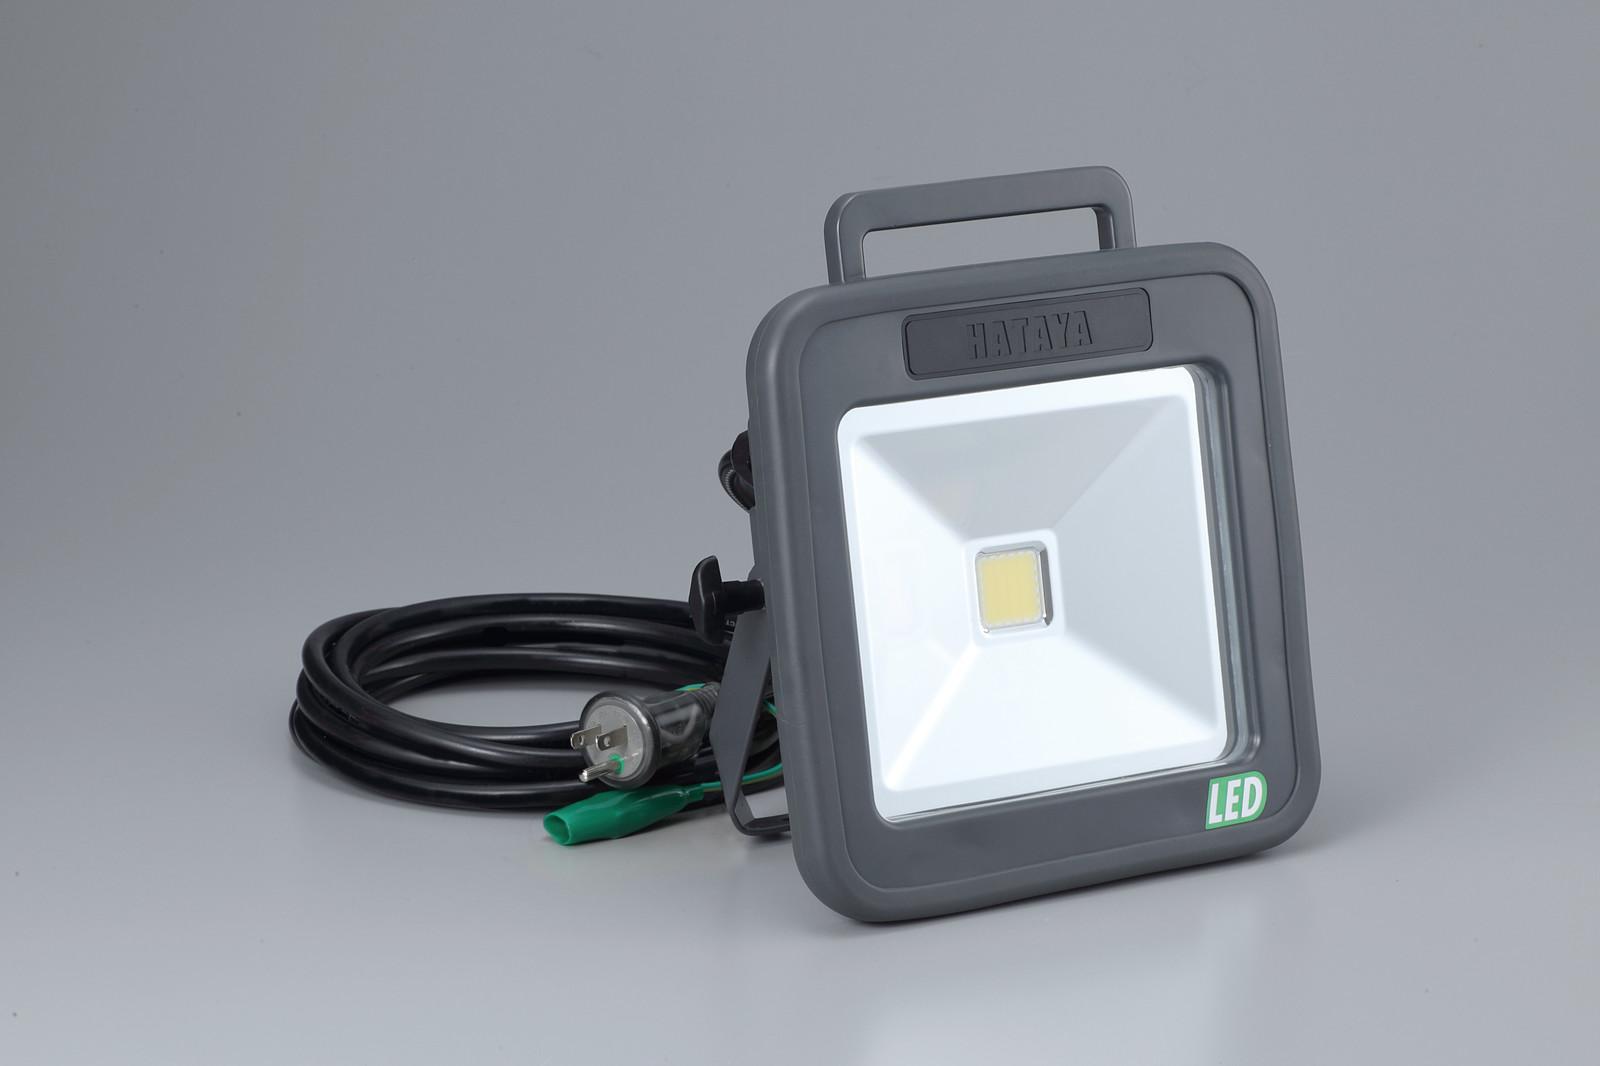 ハタヤ LWA-30 30WLEDケイ・ライト AC100V電源 床置き/バイス取り付け2WAYタイプ